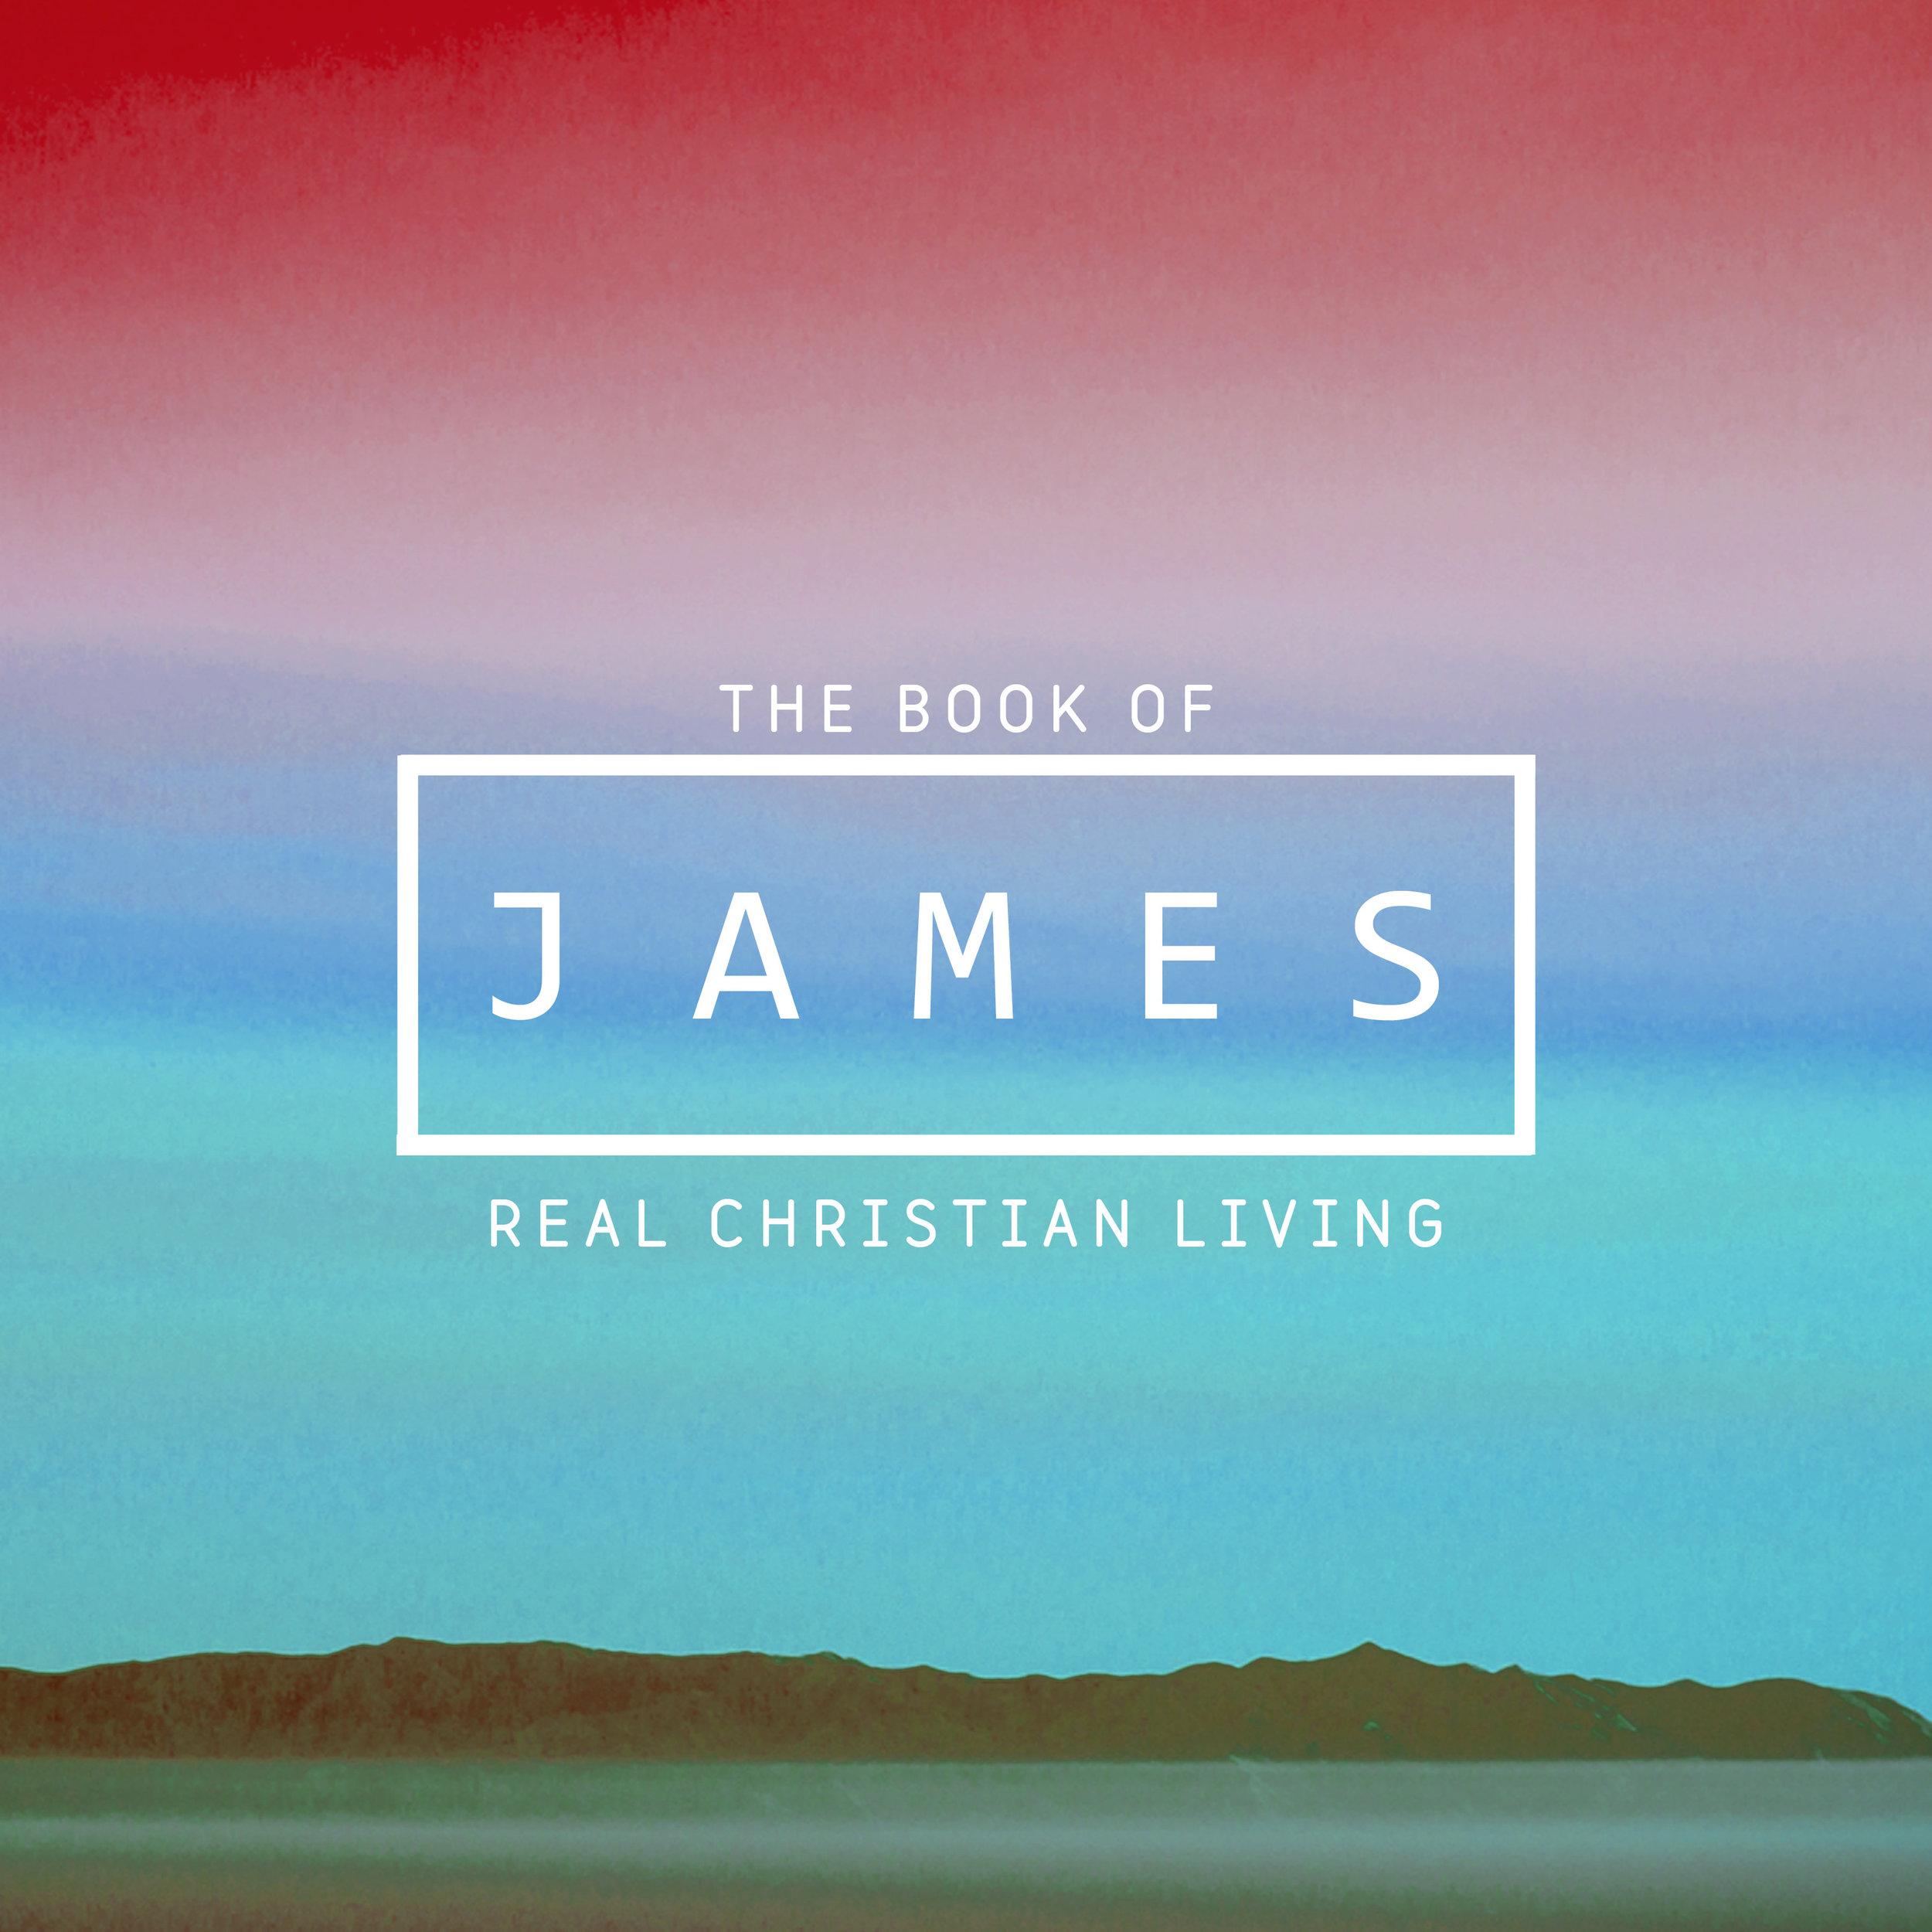 James-Series-web.jpg